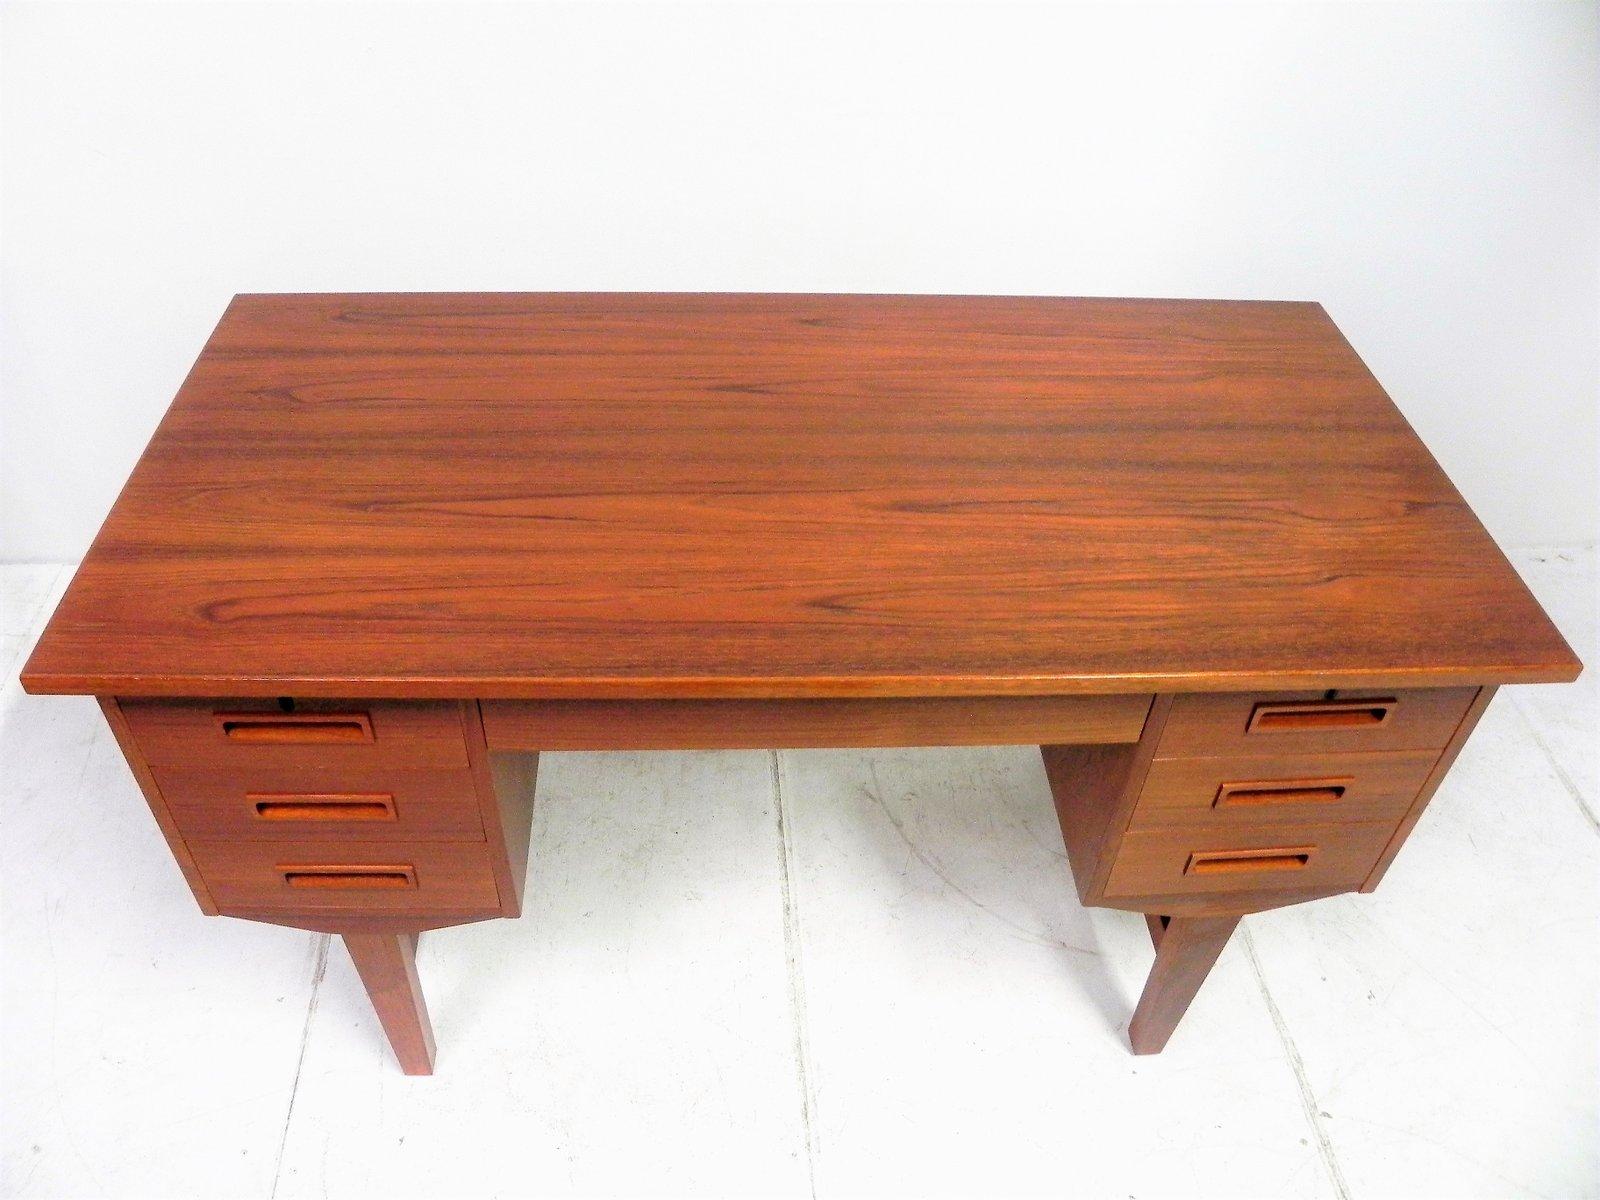 skandinavischer vintage teak schreibtisch bei pamono kaufen. Black Bedroom Furniture Sets. Home Design Ideas